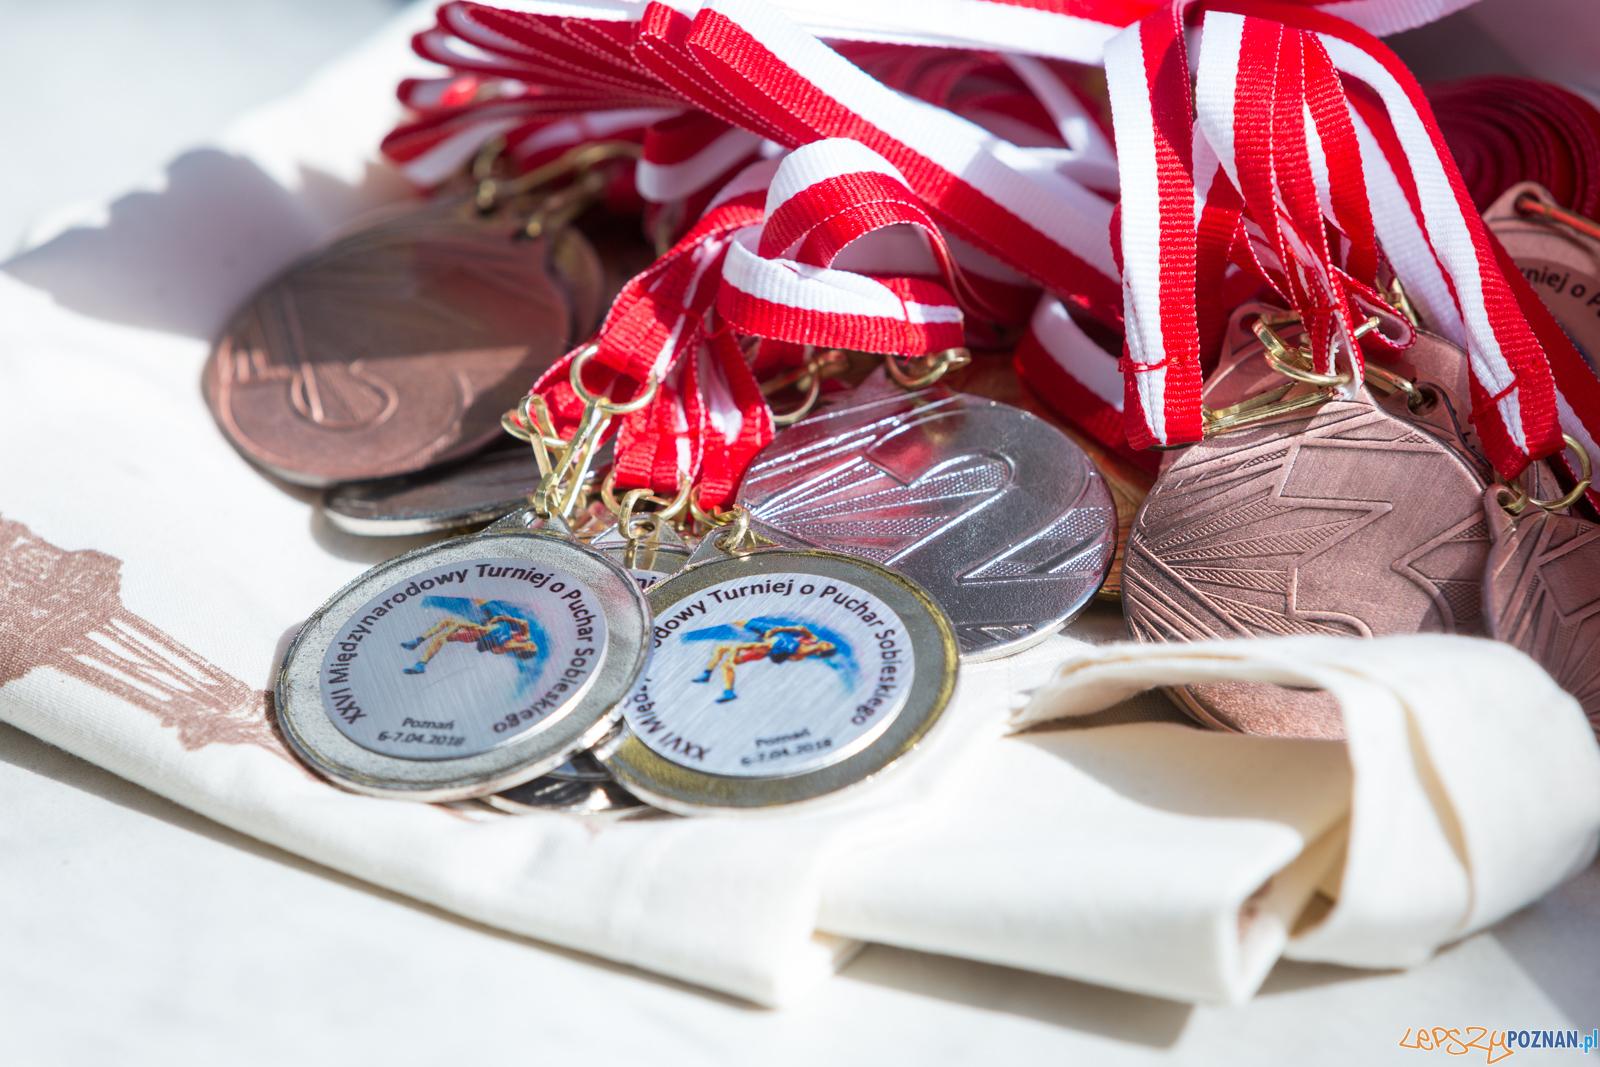 XXVI Międzynarodowy Turniej o Puchar Sobieskiego  Foto: lepszyPOZNAN.pl/Piotr Rychter